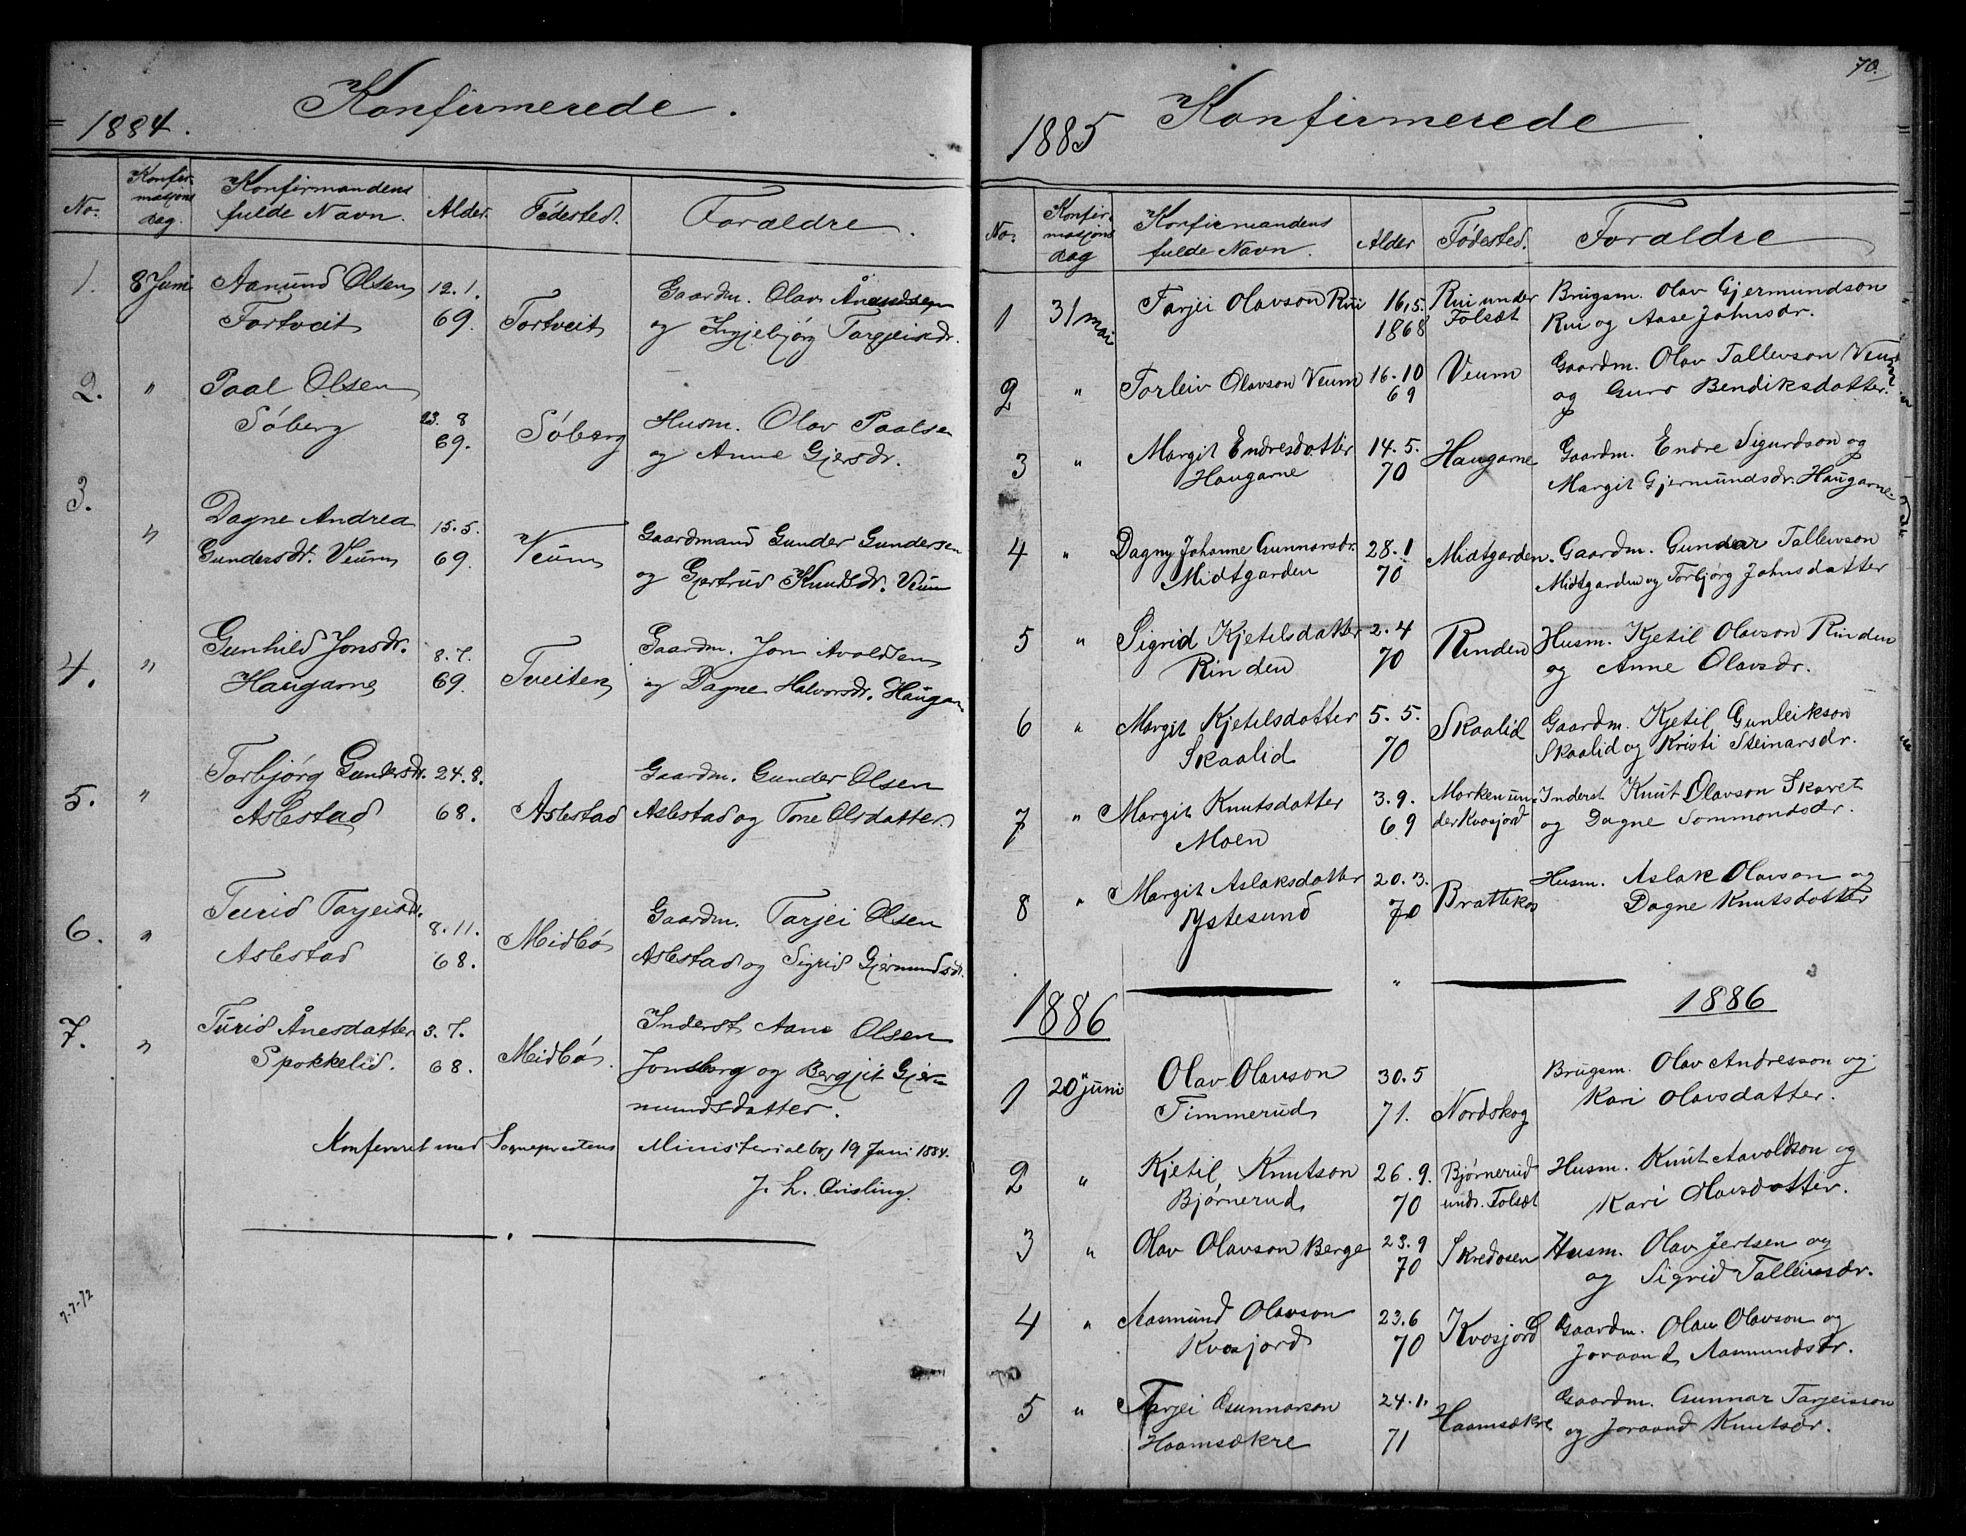 SAKO, Fyresdal kirkebøker, G/Gb/L0001: Klokkerbok nr. II 1, 1864-1890, s. 70